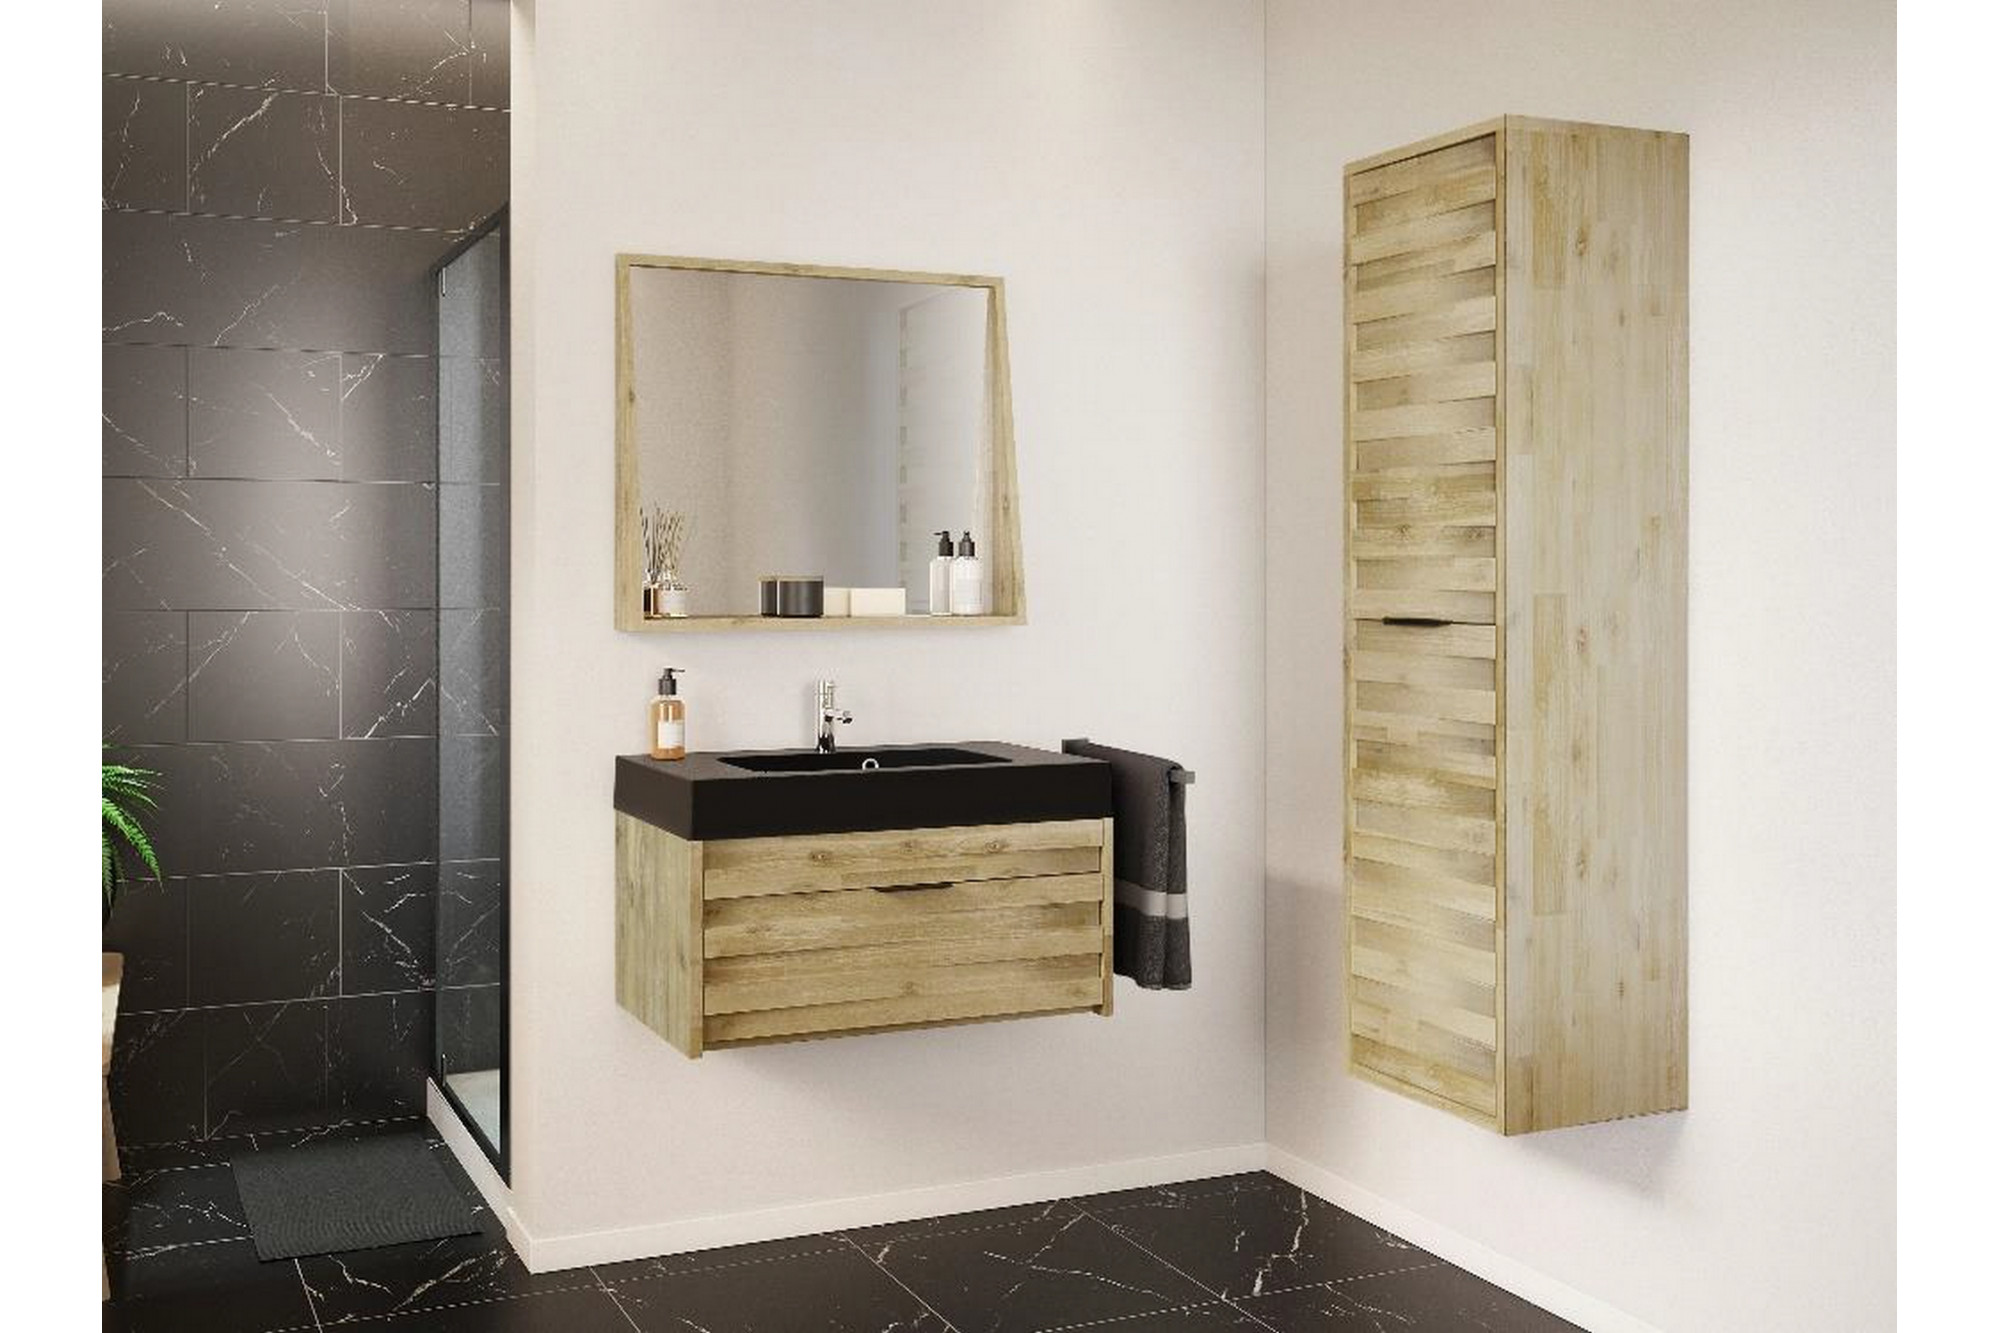 meuble de salle de bain en bois massif avec plan b ton. Black Bedroom Furniture Sets. Home Design Ideas